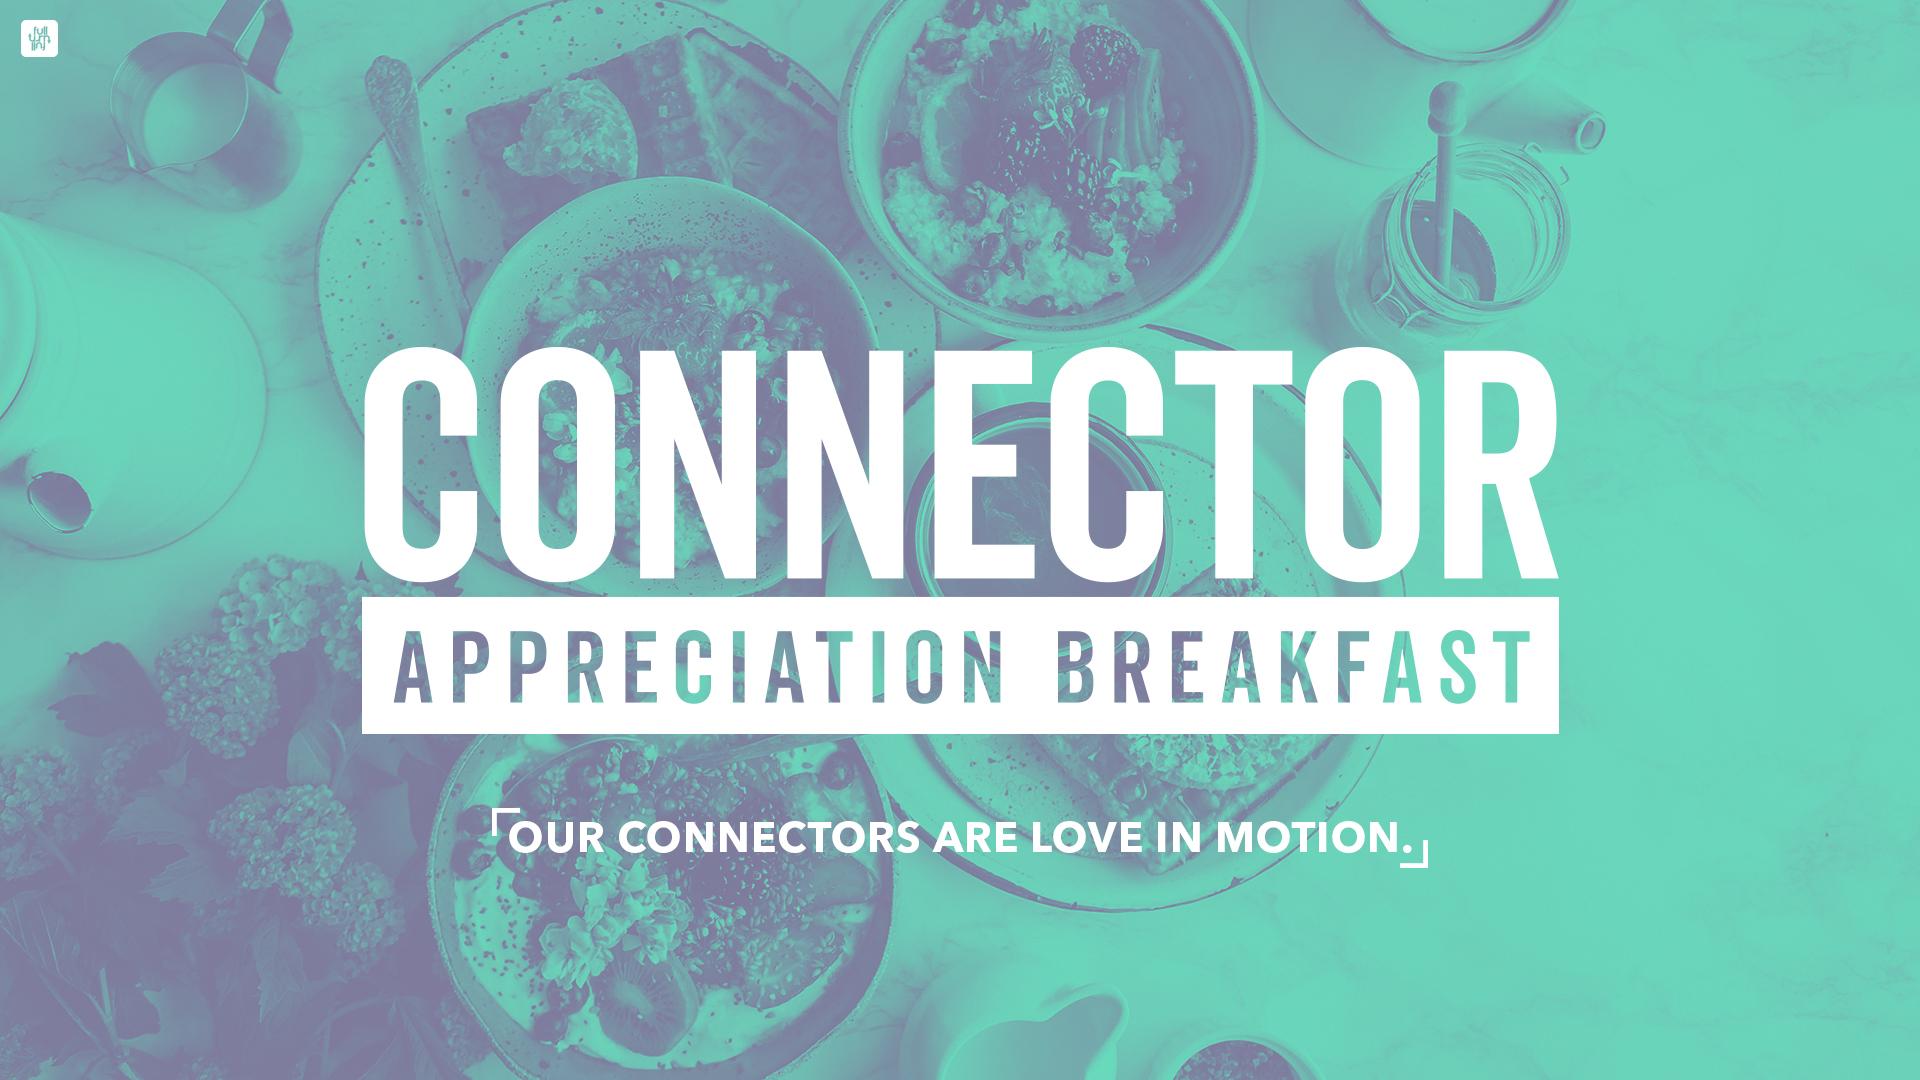 Connector appreciation breakfast facebook